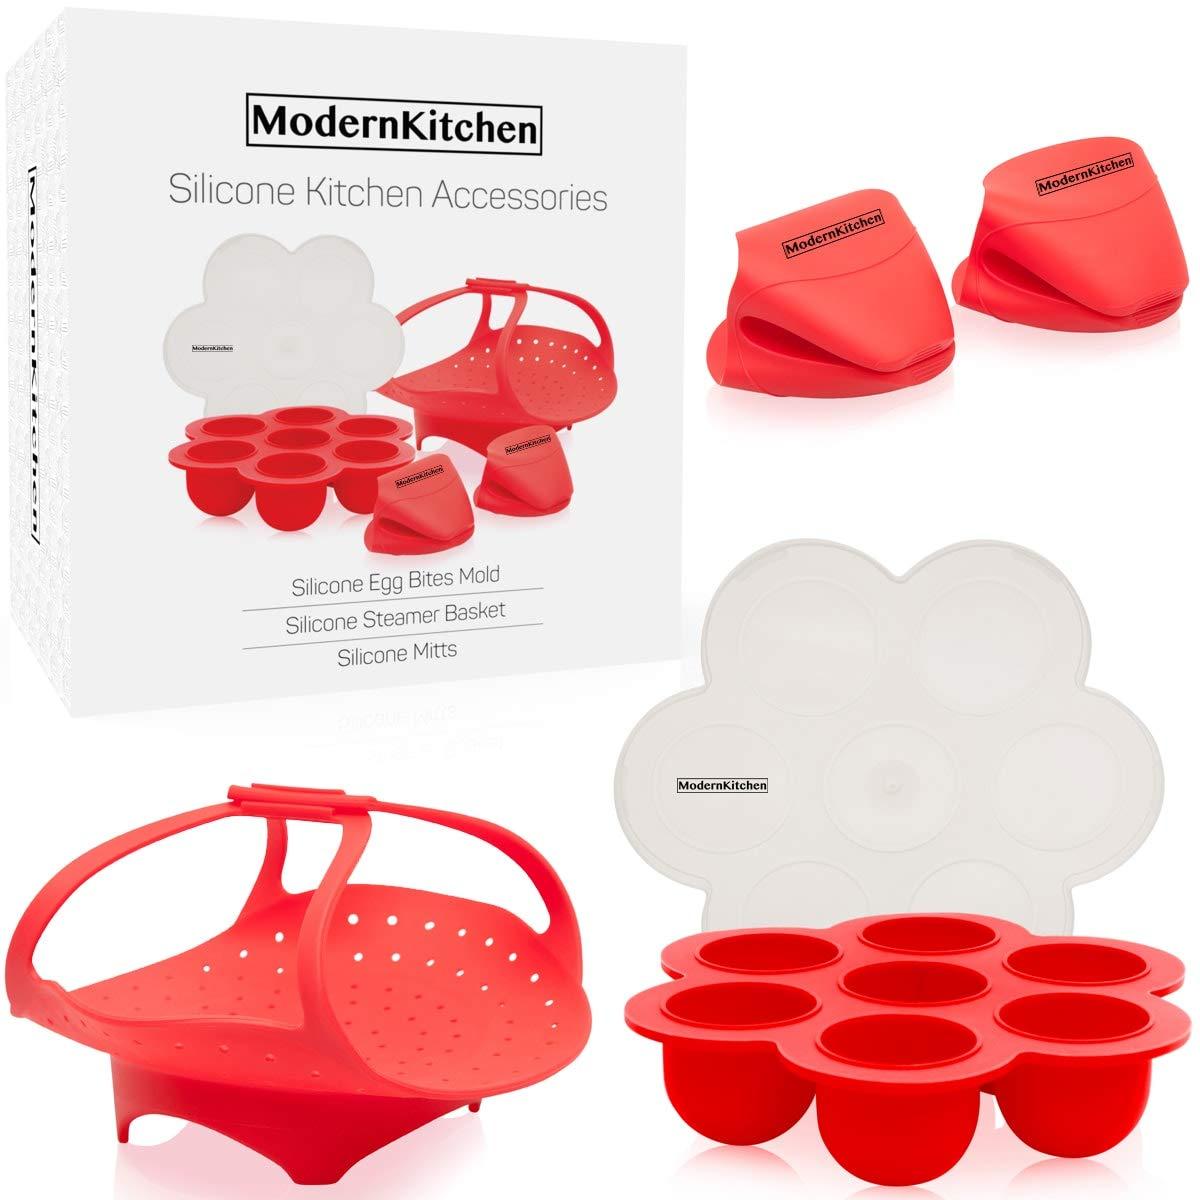 Instant Pot Silicone Accessories Kit: Egg Bites Mold, Vegetable Steamer Basket Rack, Pot Holder Oven Mitts, Pressure Cooker Heat Resistant Dishwasher Safe, Starter Cooking Set, Fits 5,6,8 qt